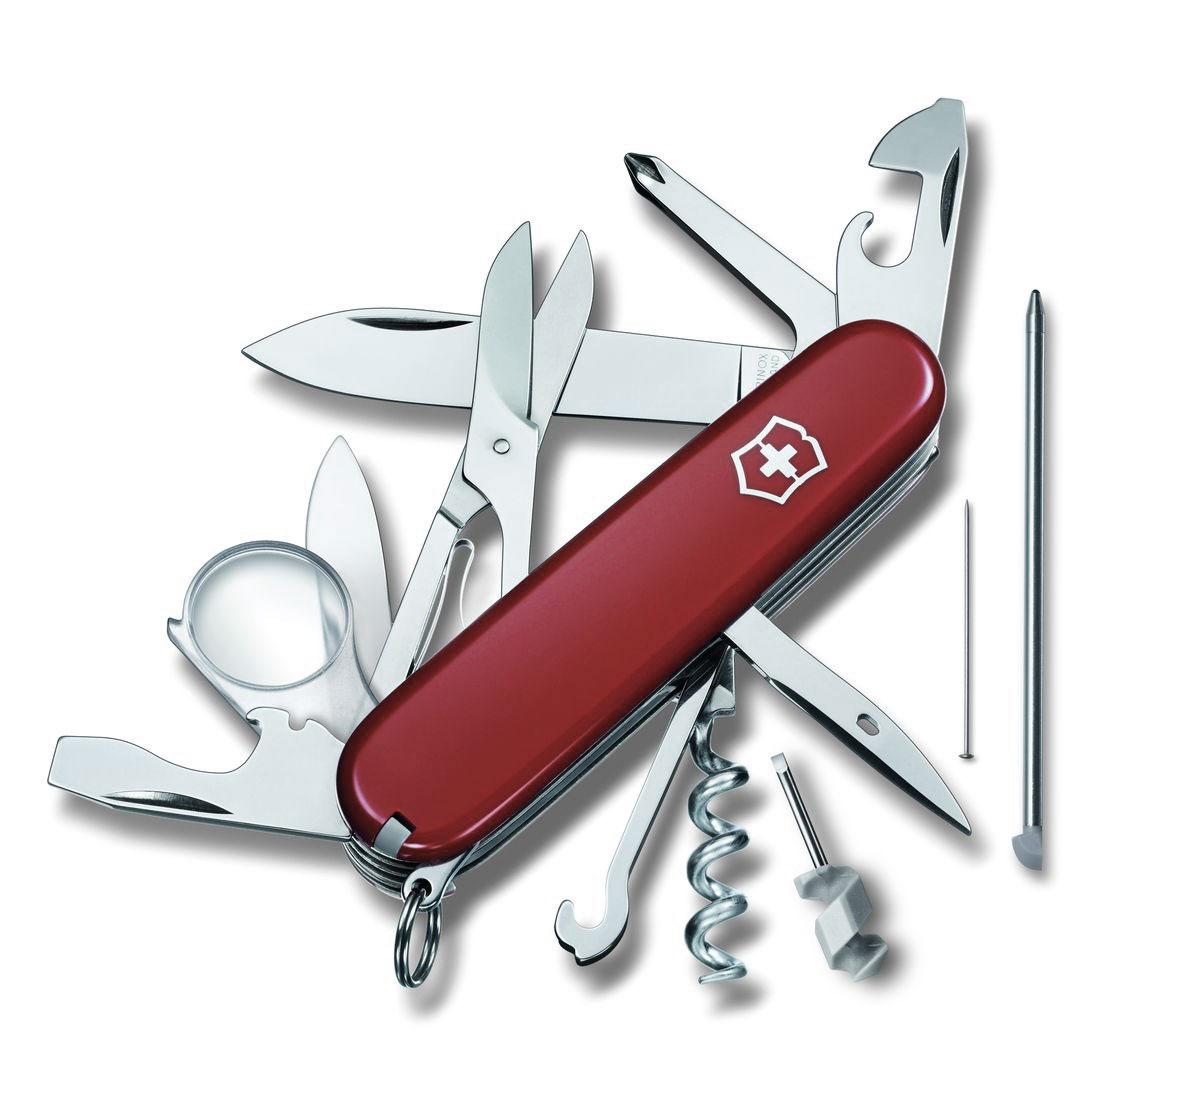 Нож перочинный Victorinox Explorer, цвет: красный, 19 функций, 9,1 см1.6705Лезвие перочинного складного ножа Victorinox Explorer изготовлено из высококачественной нержавеющей стали. Ручка, выполненная из прочного пластика, обеспечивает надежный и удобный хват.Хорошее качество, надежный долговечный материал и эргономичная рукоятка - что может быть удобнее на природе или на пикнике!Функции ножа:Большое лезвие.Малое лезвие.Штопор.Консервный нож с малой отверткой.Открывалка для бутылок с отверткой.Инструментом для снятия изоляции.Шило, кернер.Кольцо для ключей.Пинцет.Зубочистка.Ножницы.Многофункциональный крючок.Крестовая отвертка.Лупа.Шариковая ручка.Булавка из нержавеющей стали.Мини-отвертка.Длина ножа в сложенном виде: 9,1 см.Длина ножа в разложенном виде: 16 см.Длина большого лезвия: 6,8 см.Длина малого лезвия: 4 см.